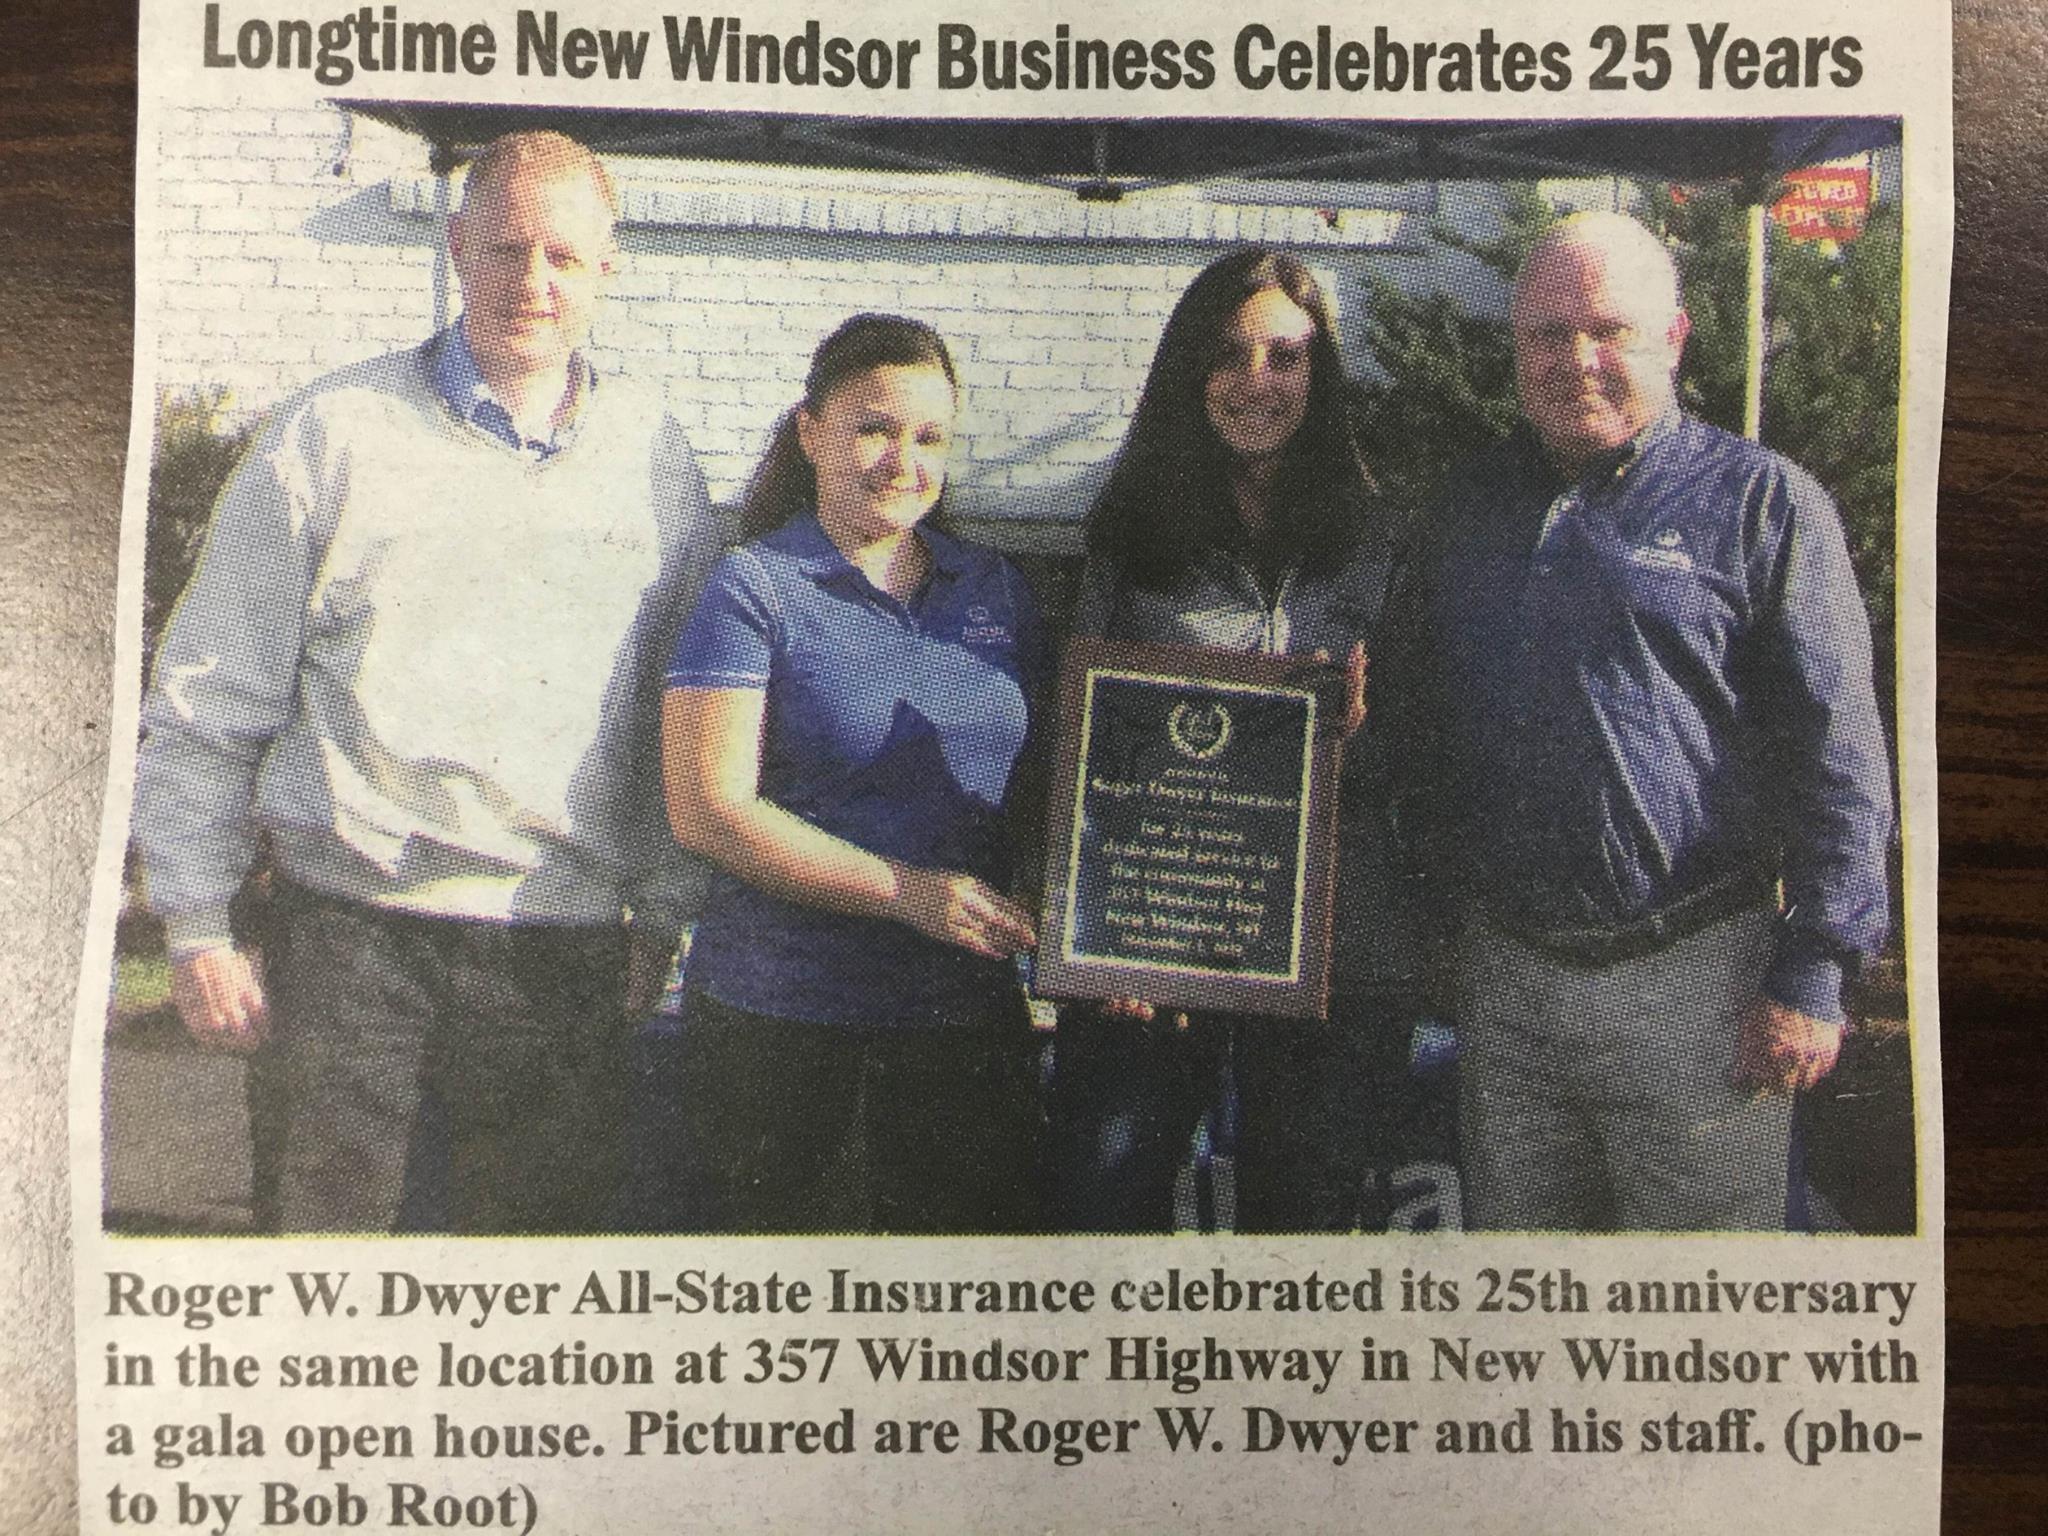 Roger Dwyer: Allstate Insurance image 1